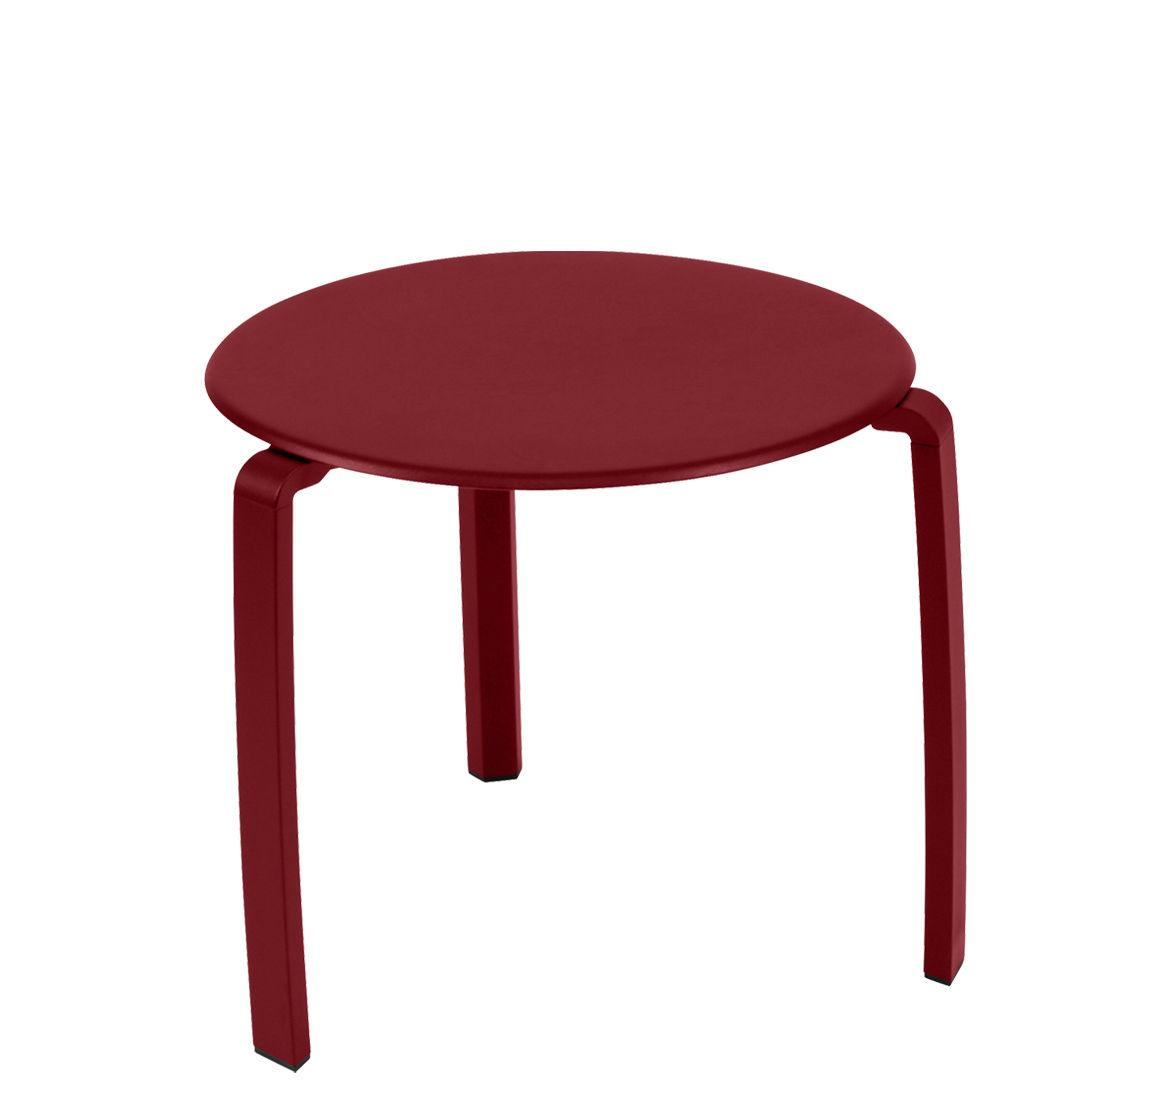 Möbel - Couchtische - Alizé Couchtisch - Fermob - Chili - Aluminium